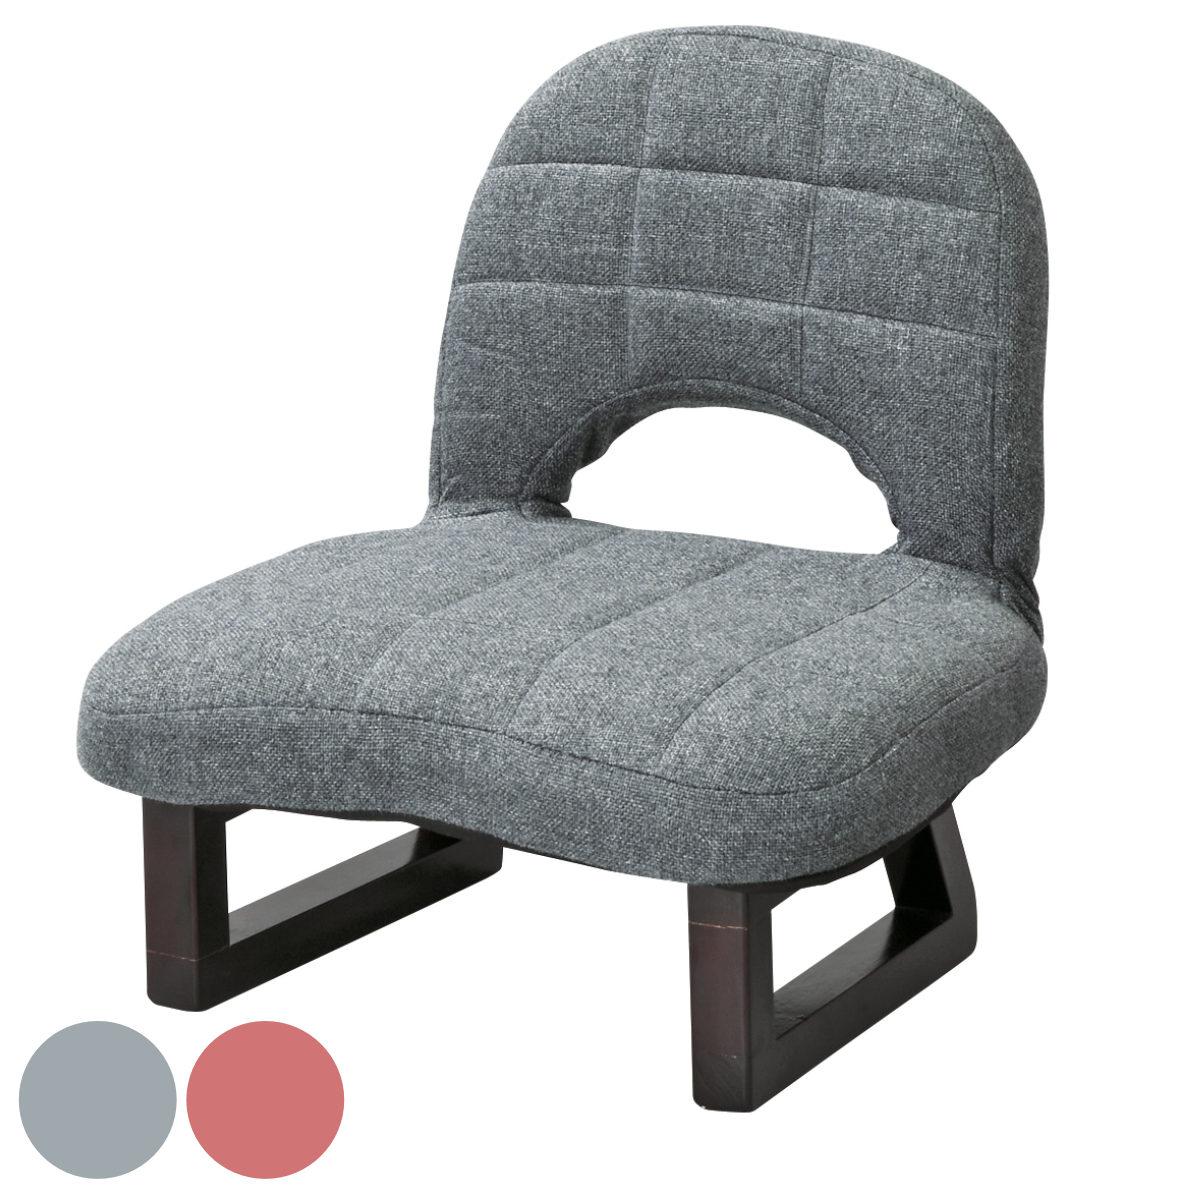 正座椅子 背もたれ付 折りたたみ ( 椅子 ローチェア 送料無料 ) 【3980円以上送料無料】